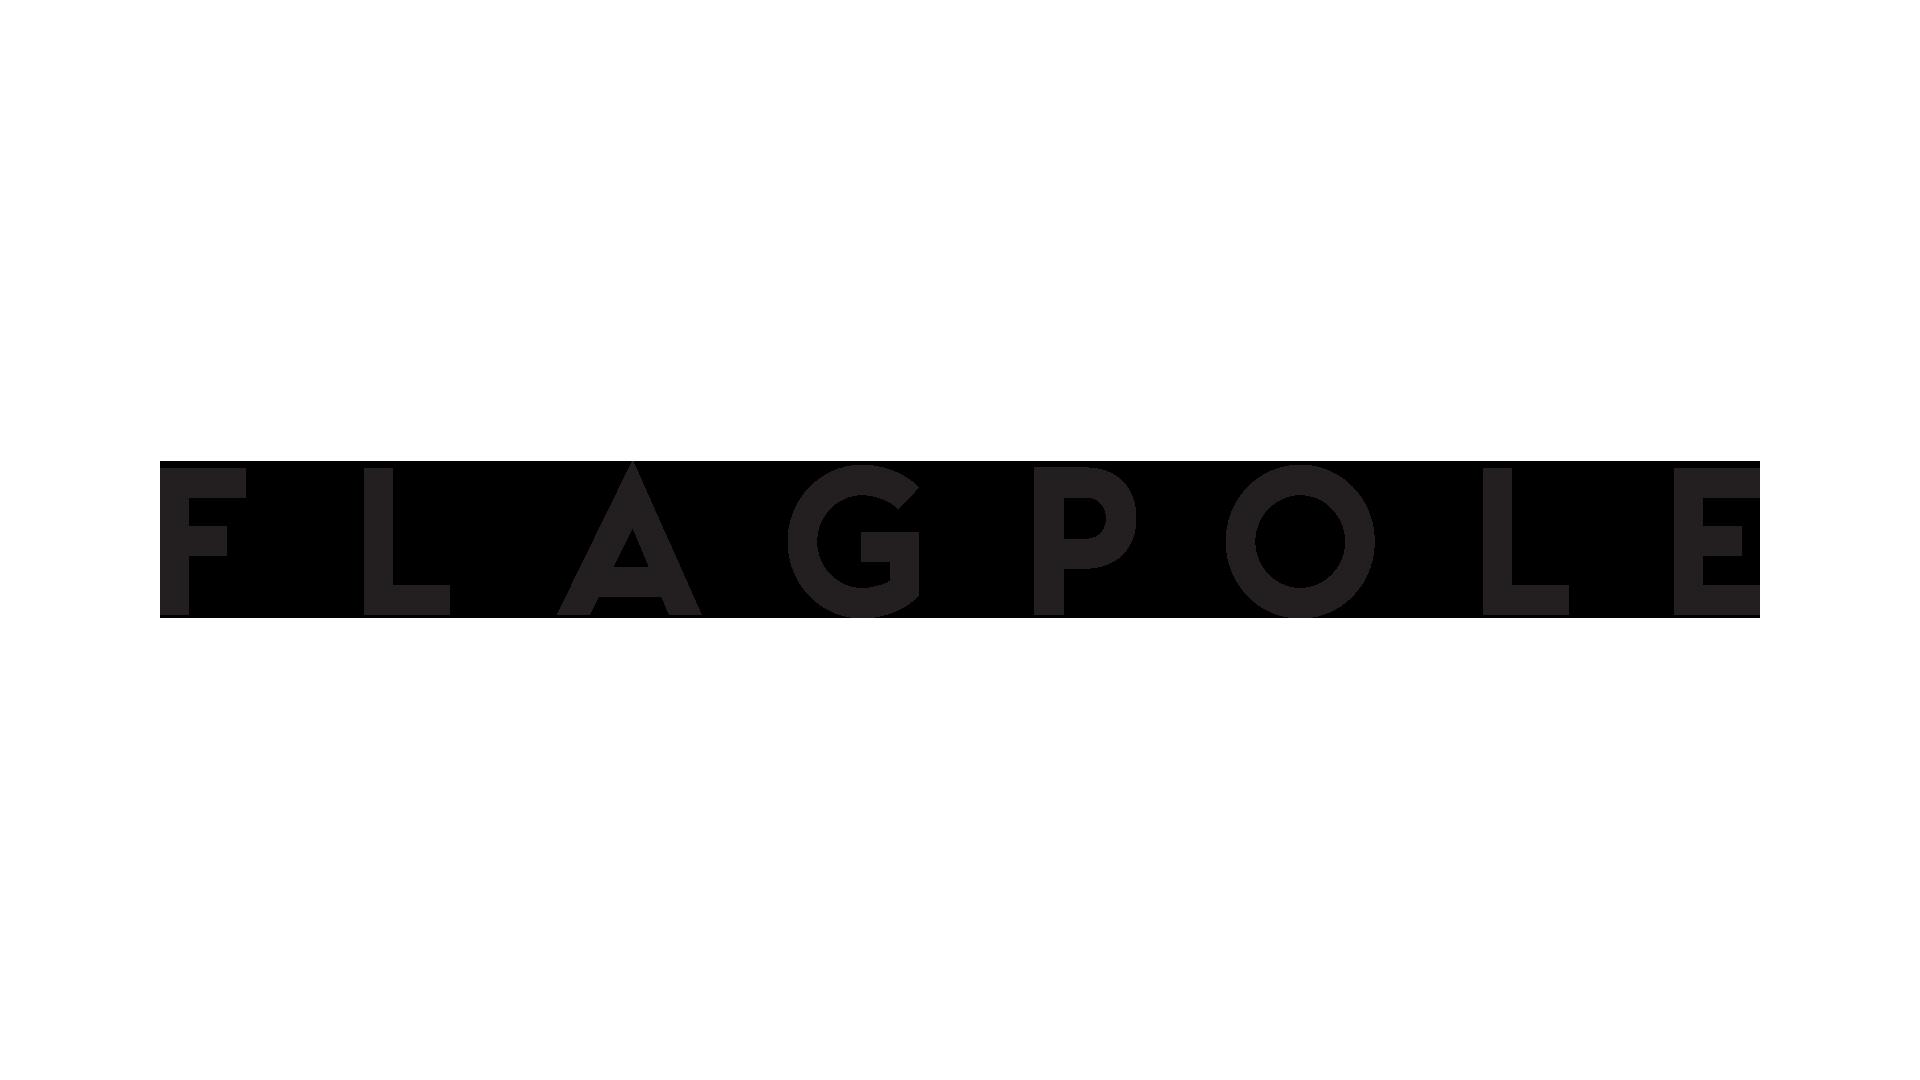 Flagpole_Wordmark.png